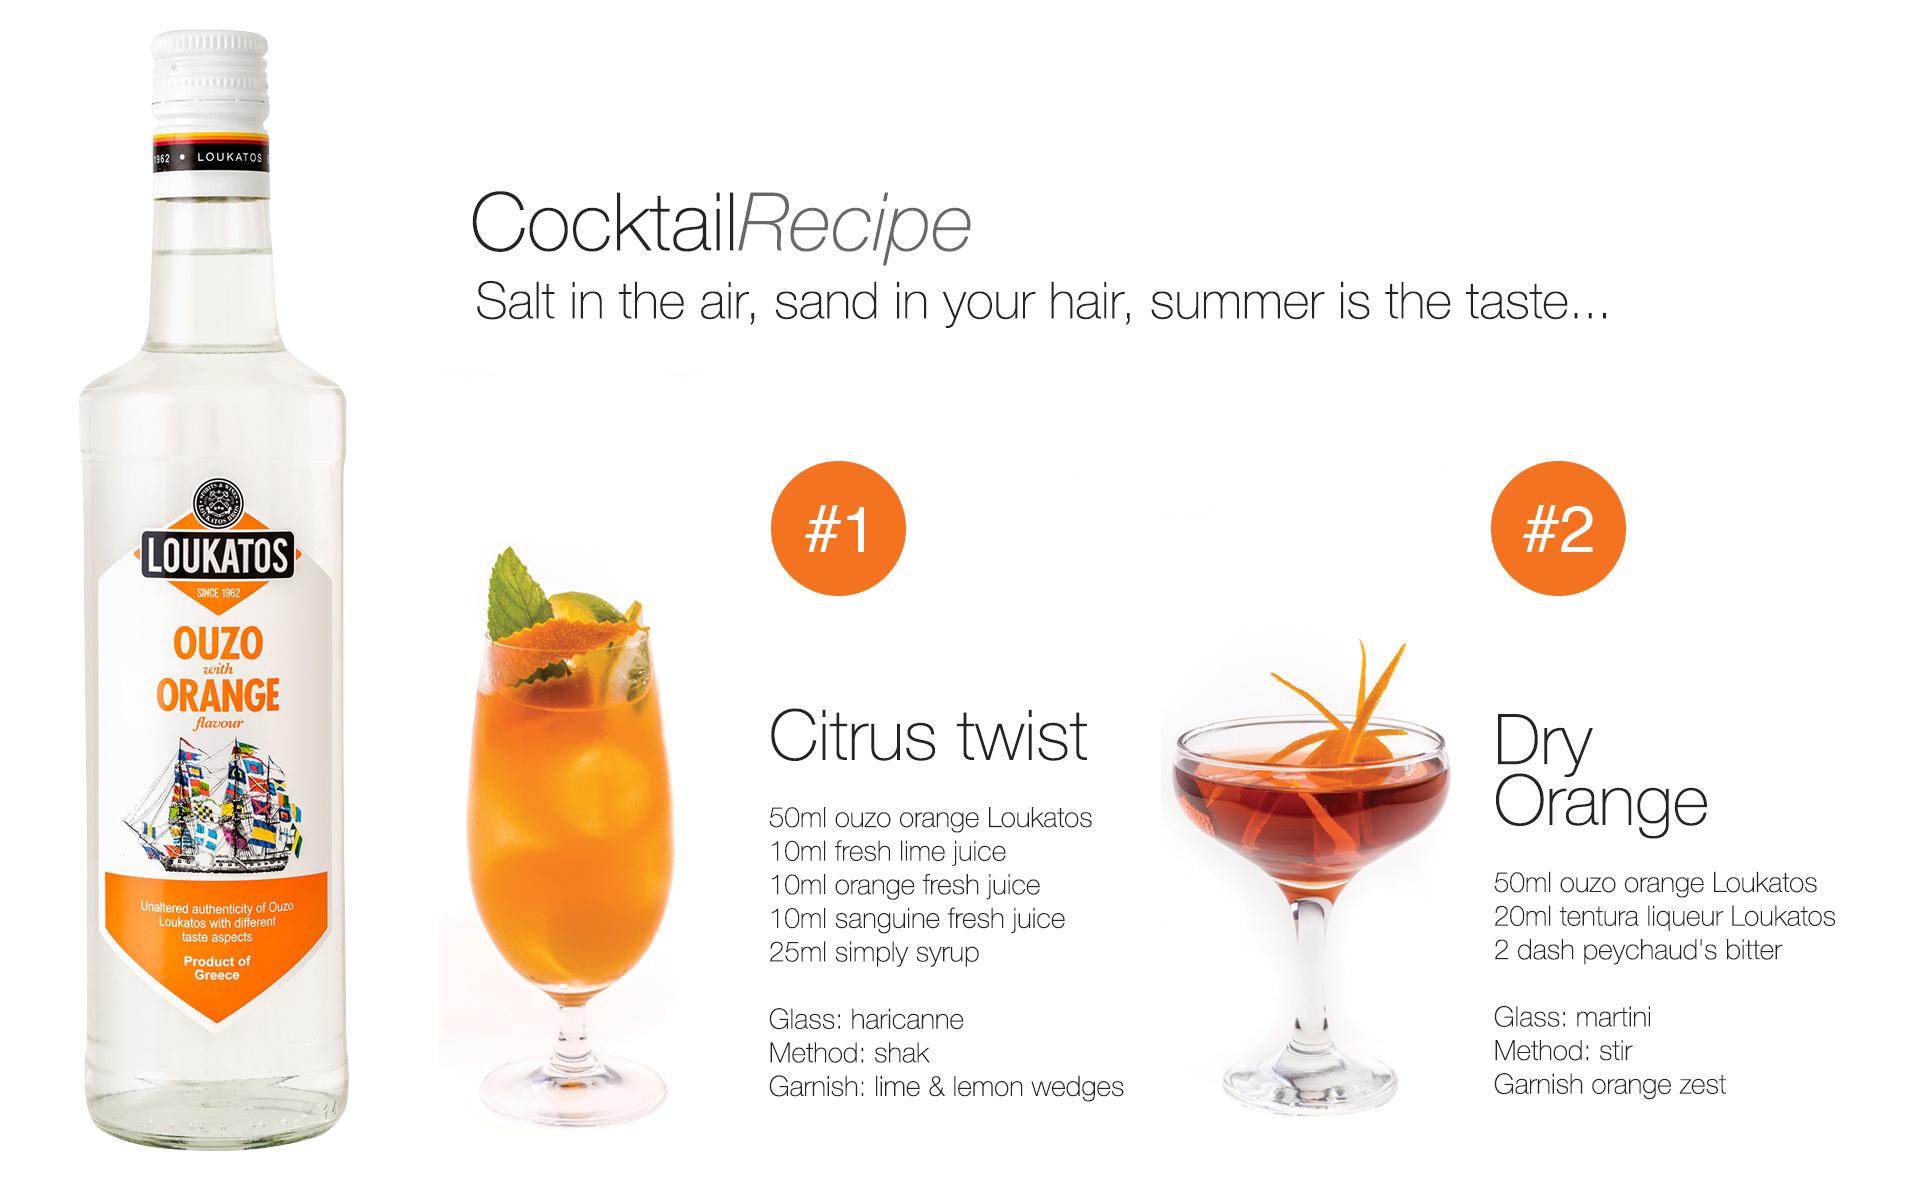 orange-coctail-ouzo-flavors